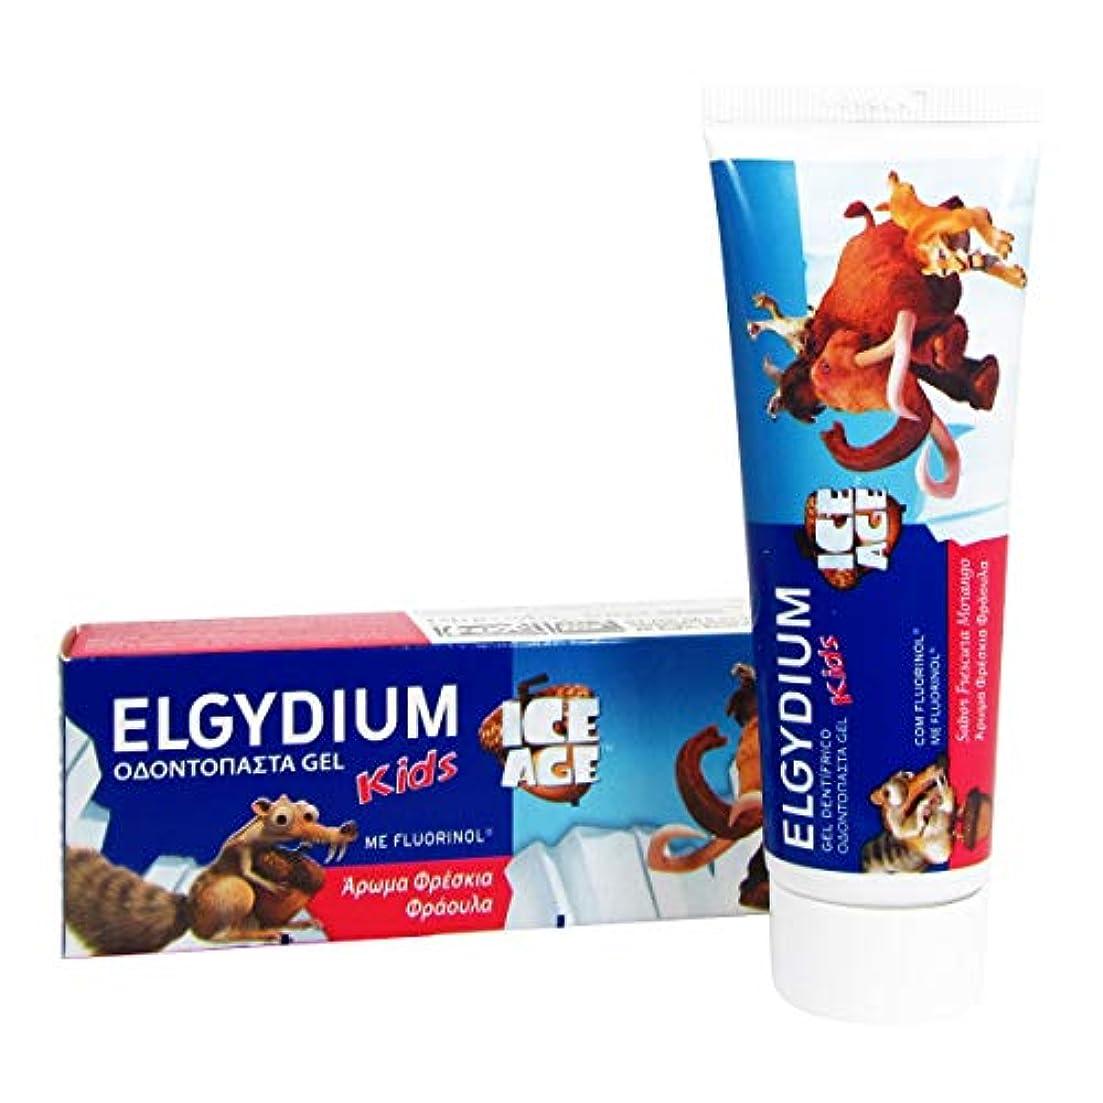 故意に寝室普及Elgydium Kids Ice Age Toothpaste Toothpaste Gel 50ml [並行輸入品]